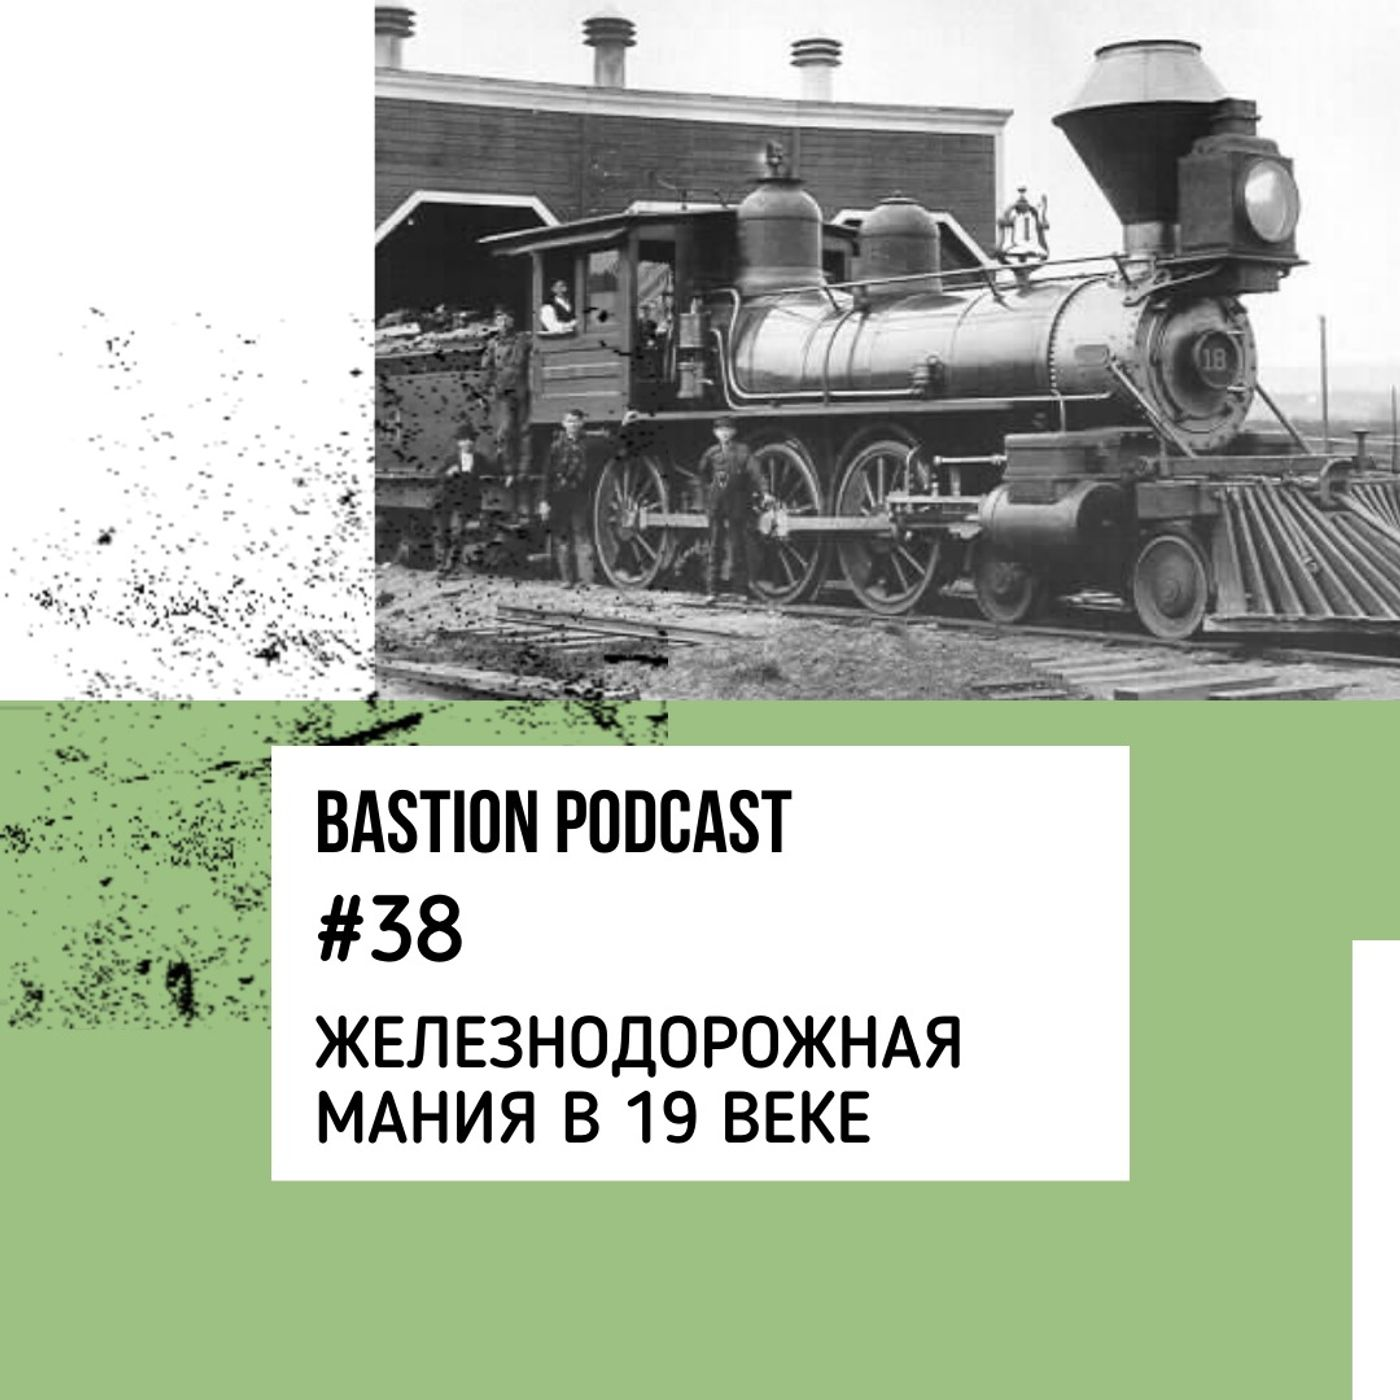 #38: Самый большой пузырь в истории. Железные дороги в 19 веке